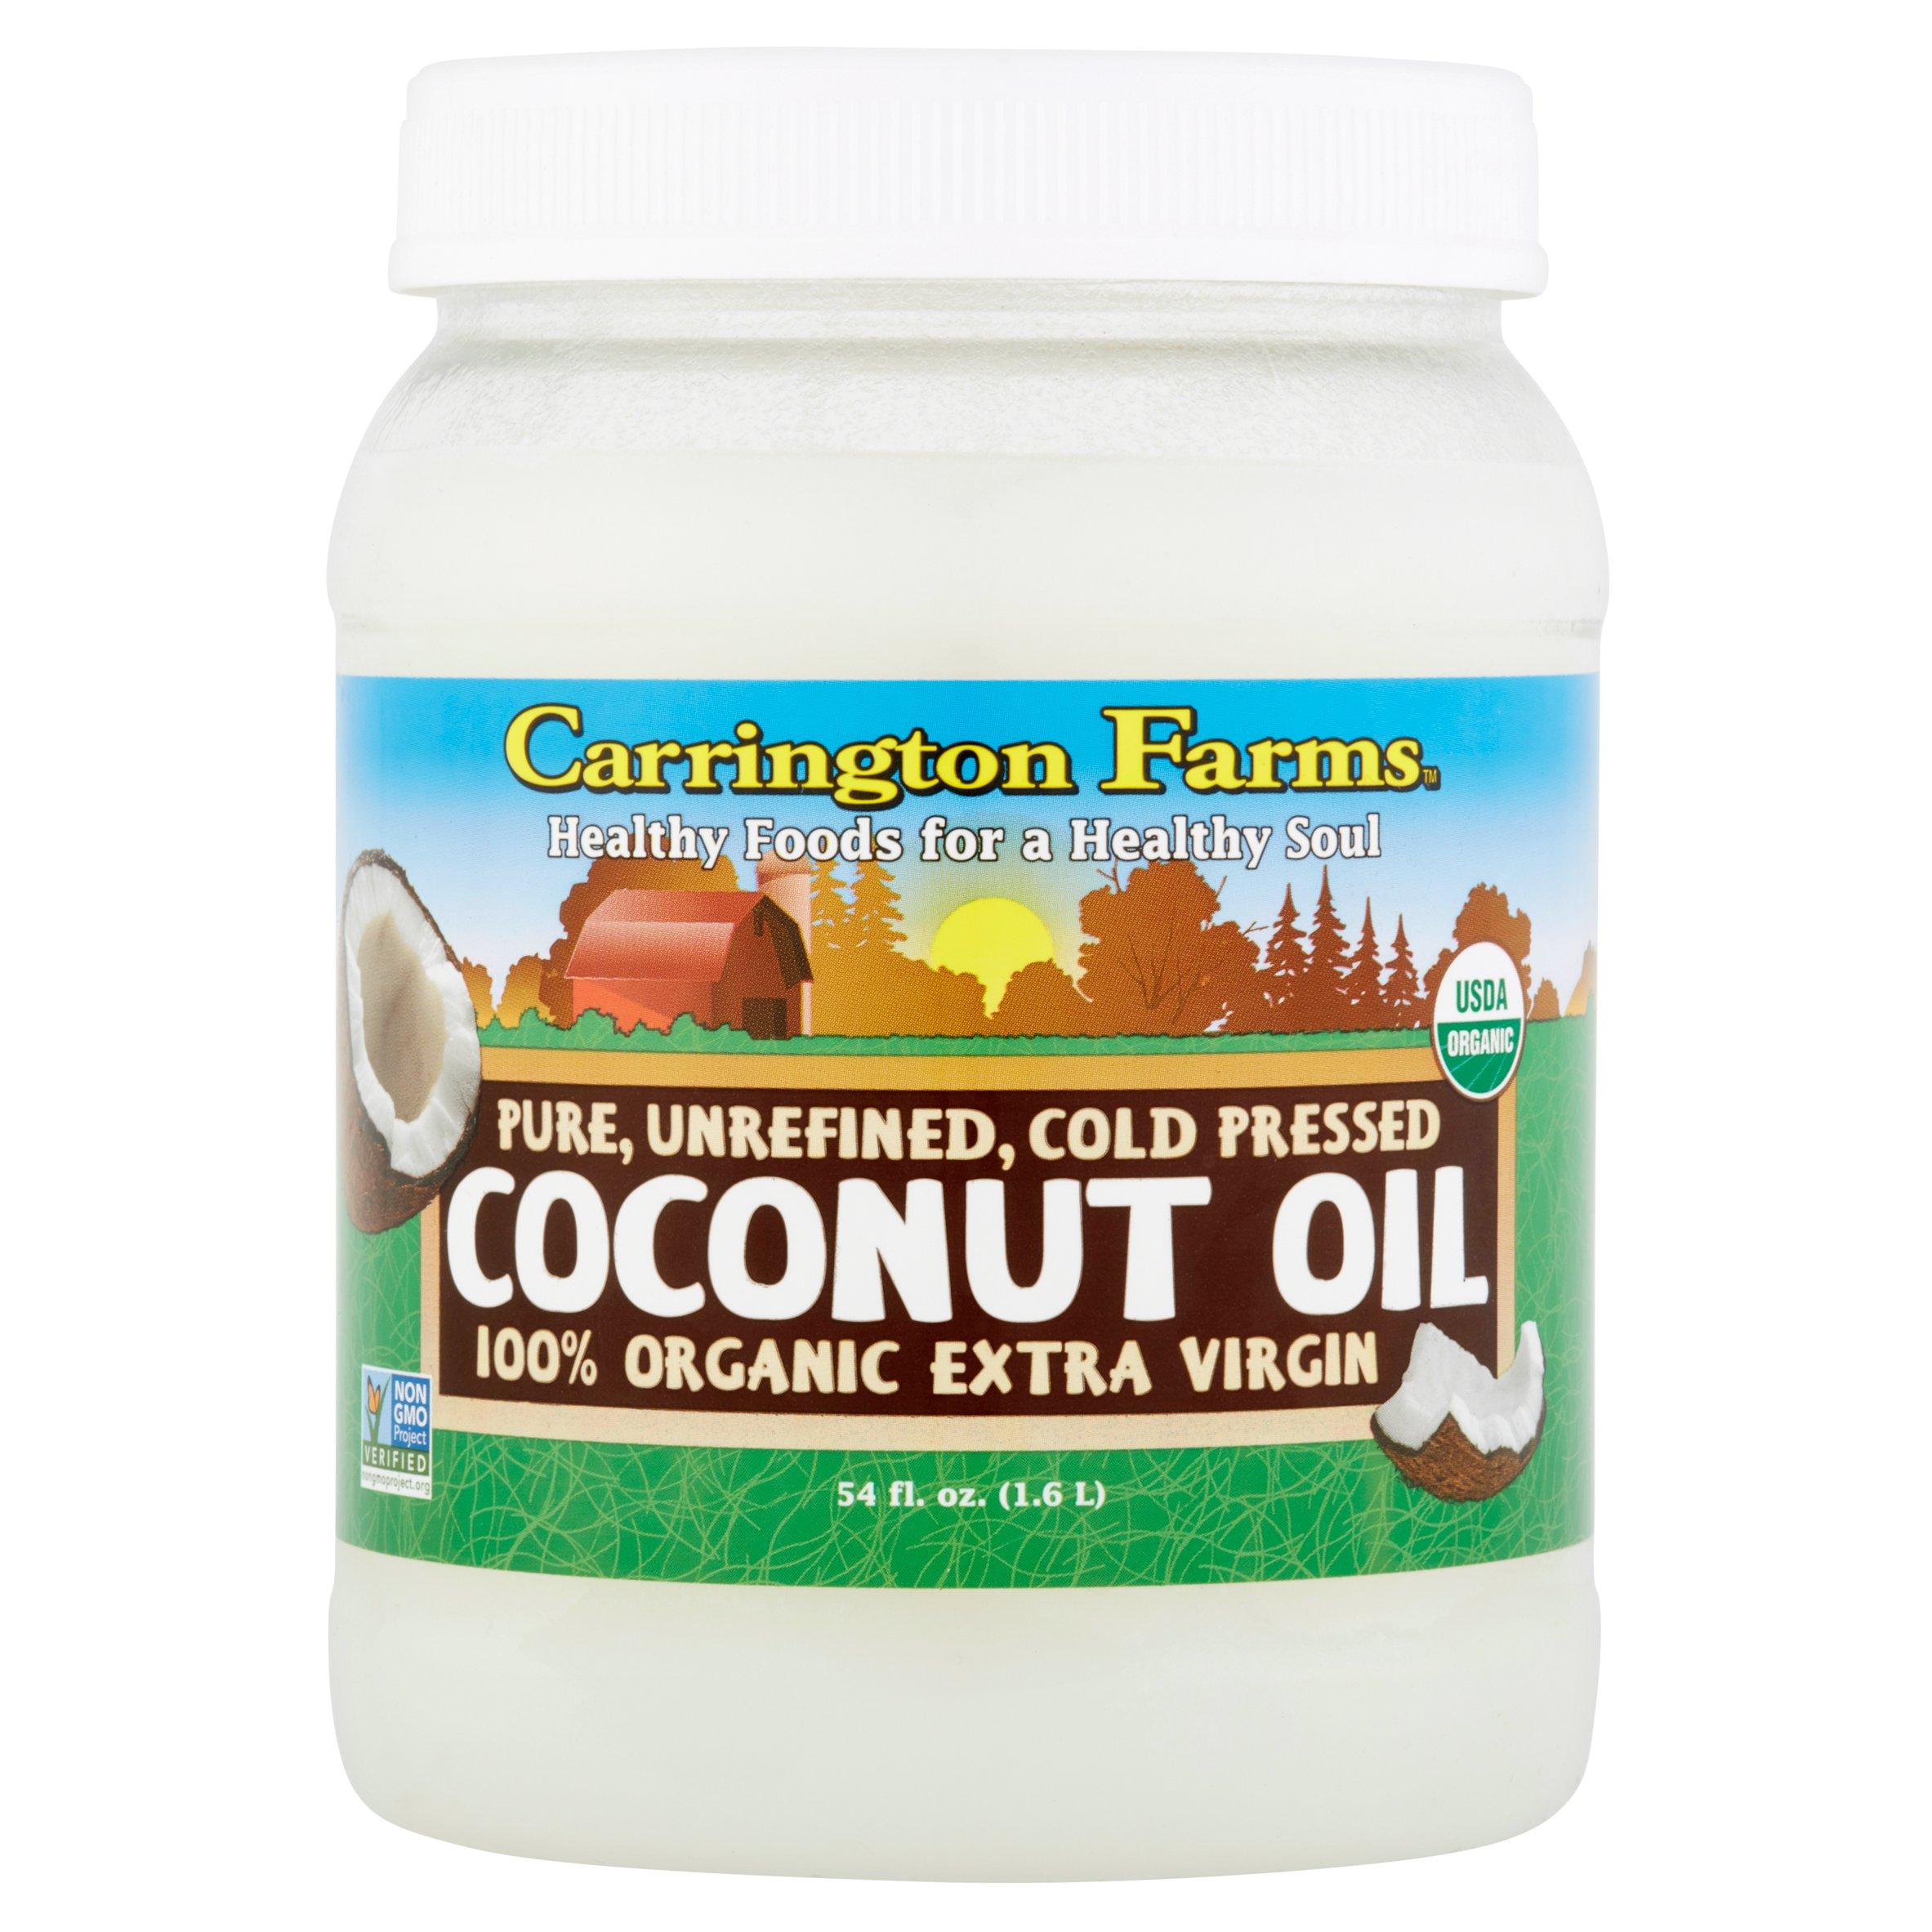 Carrington Farms UnRefined Organic Coconut Oil 54 oz by Carrington Farms